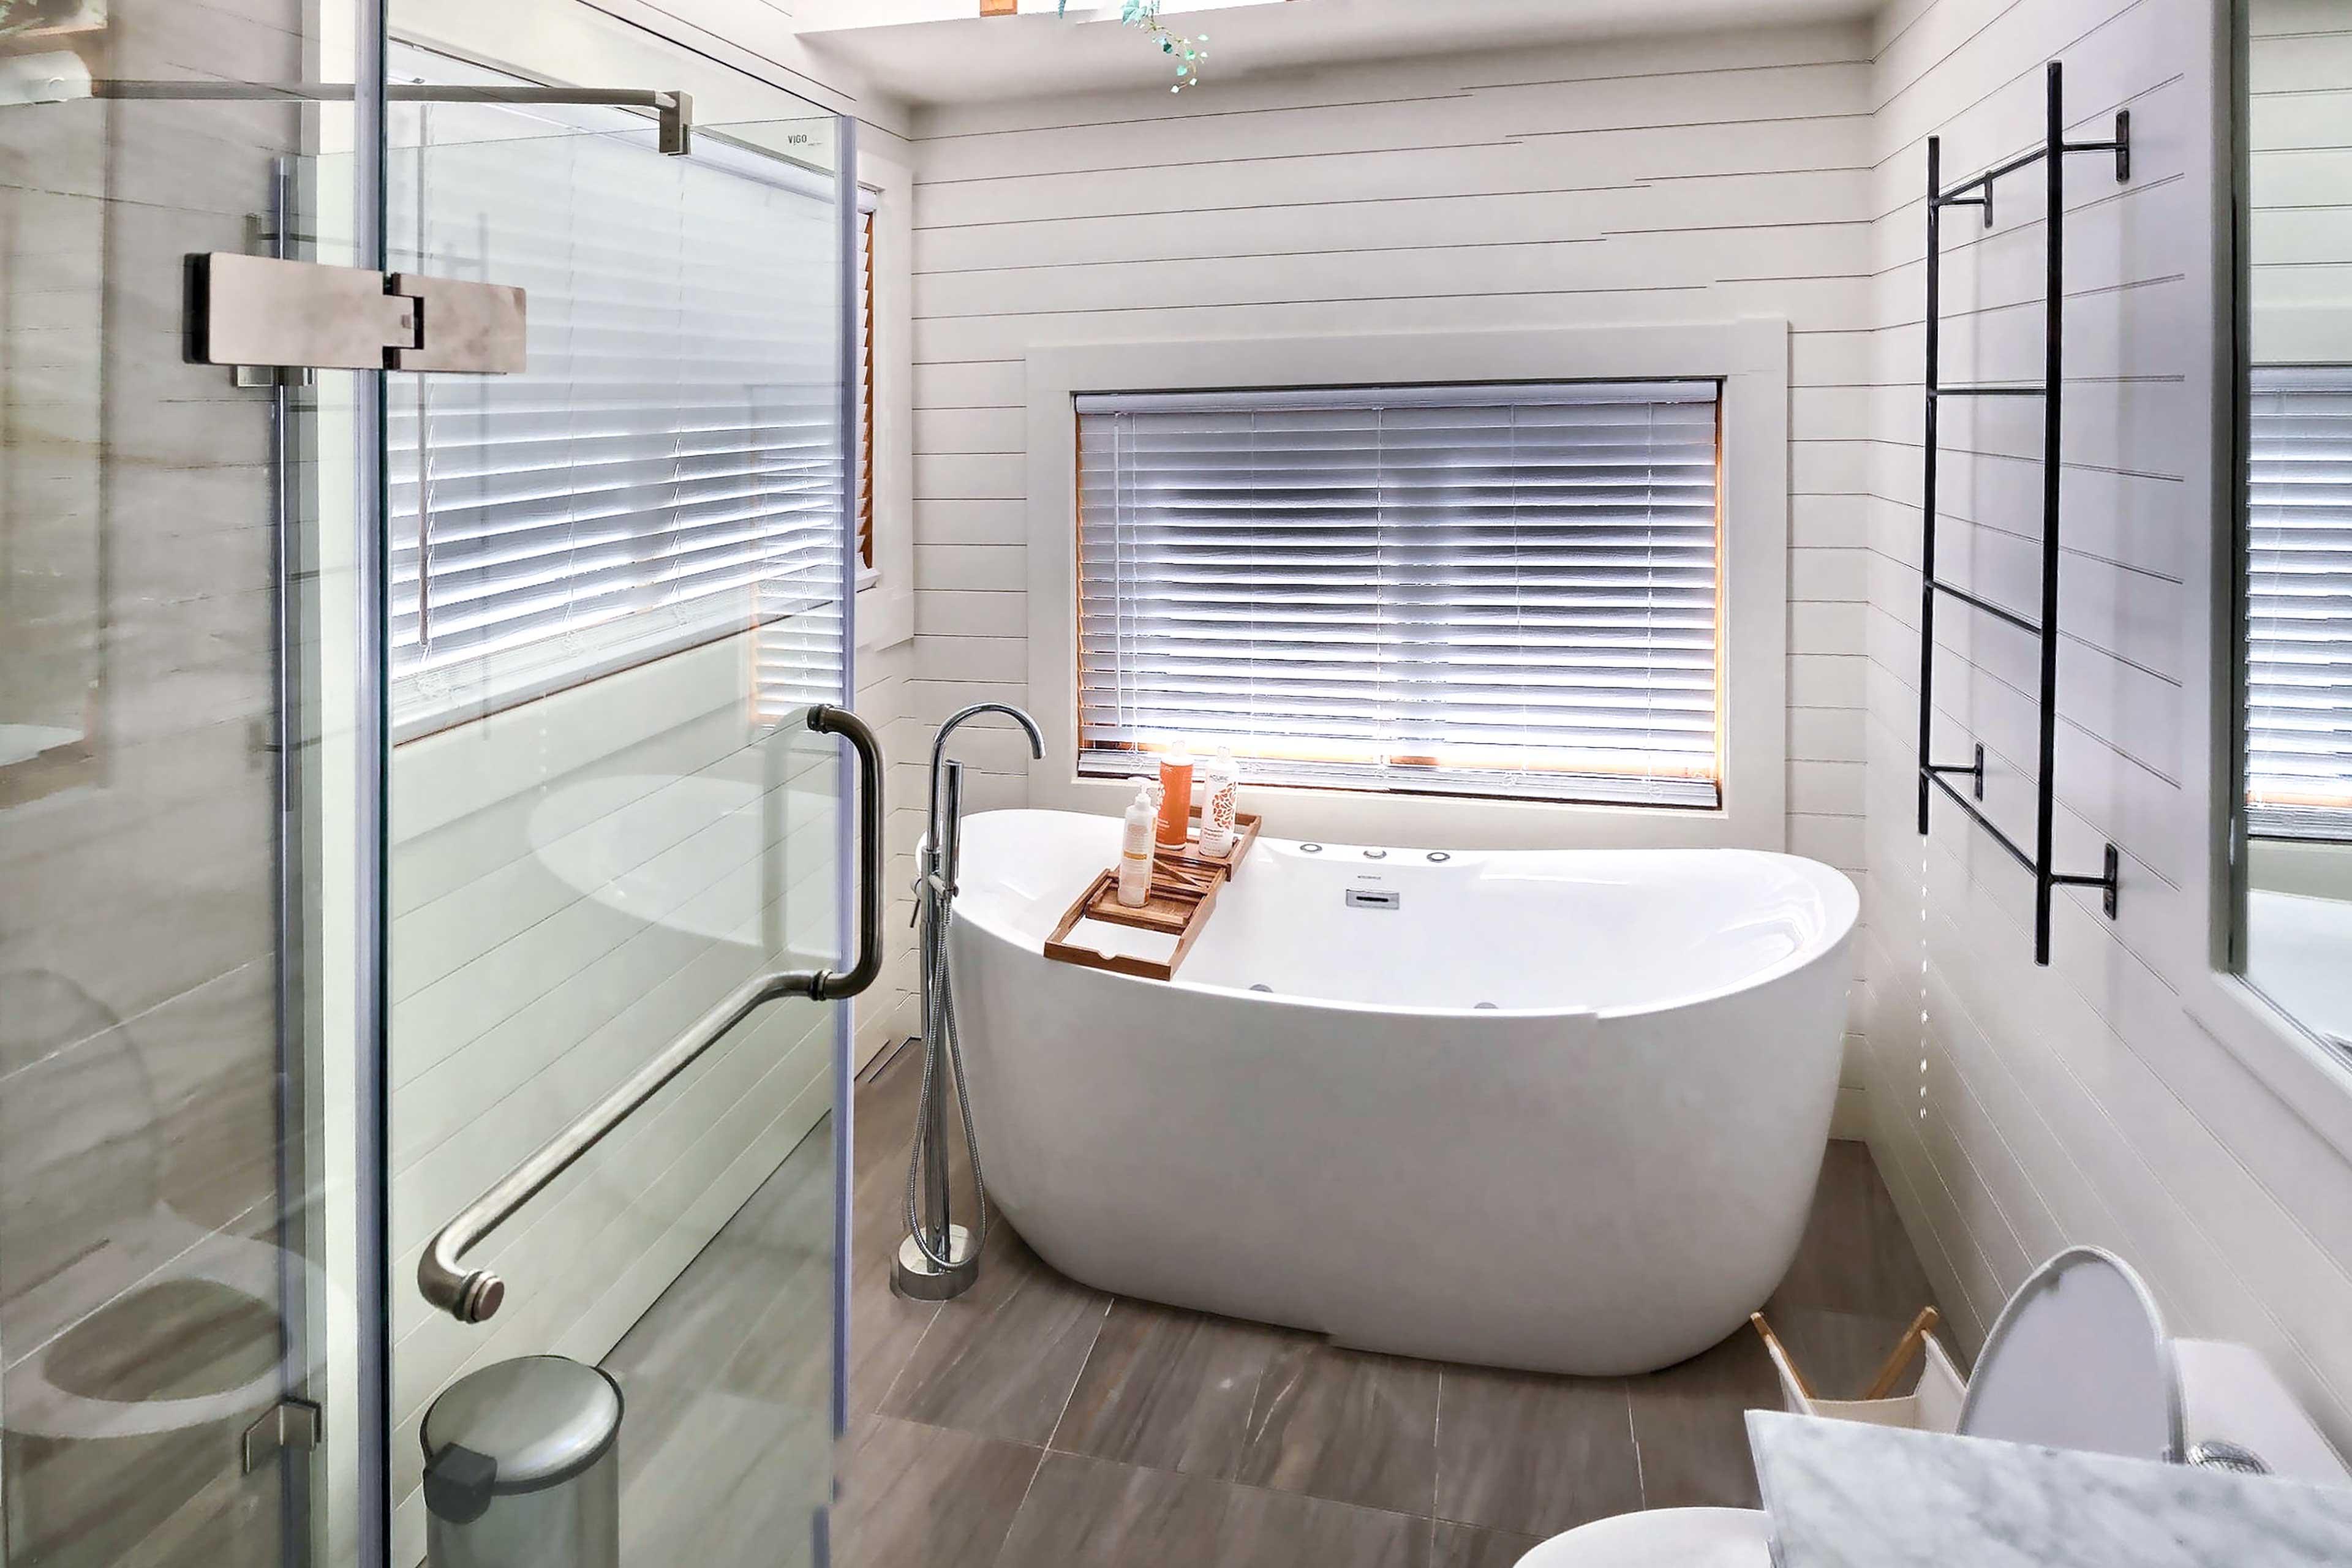 Full Bathroom | En-Suite | Towels Provided